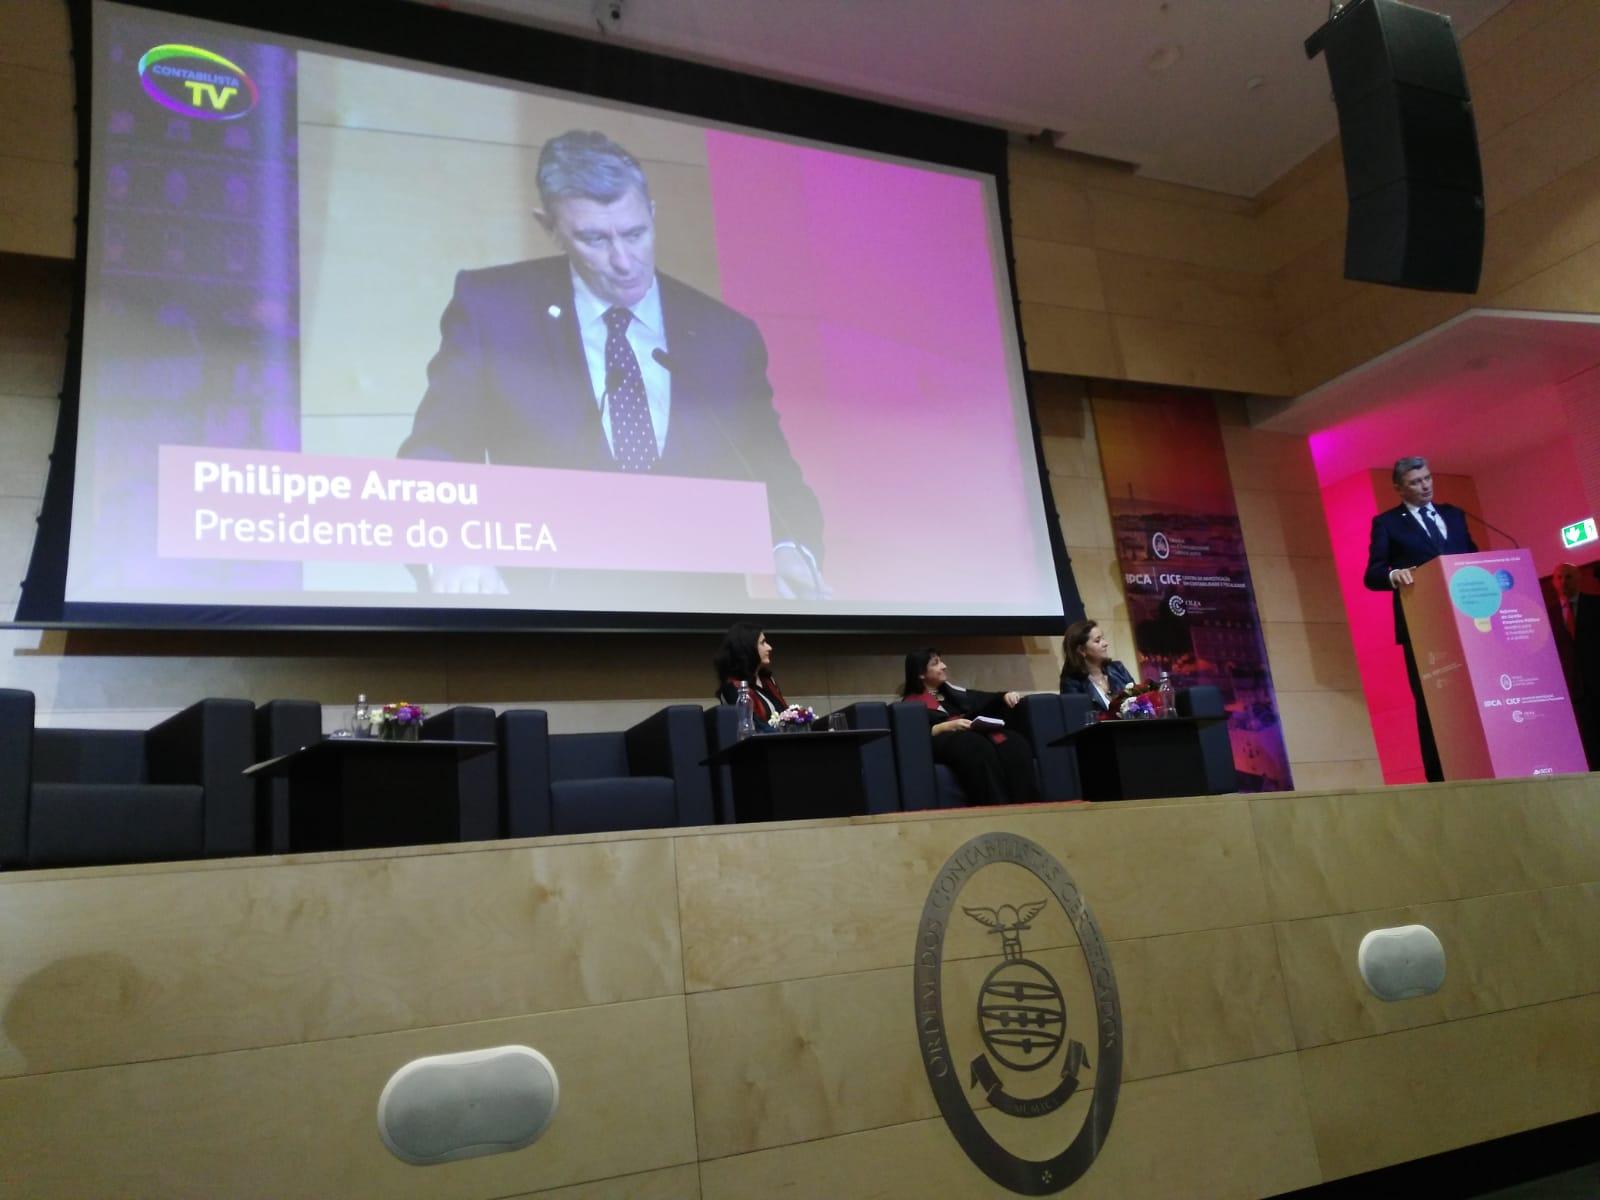 Congresul internațional al Ordinului Experților Contabililor din Portugalia și cel de-al XXXIX-lea Seminar CILEA, 14-15 martie 2019, Lisabona